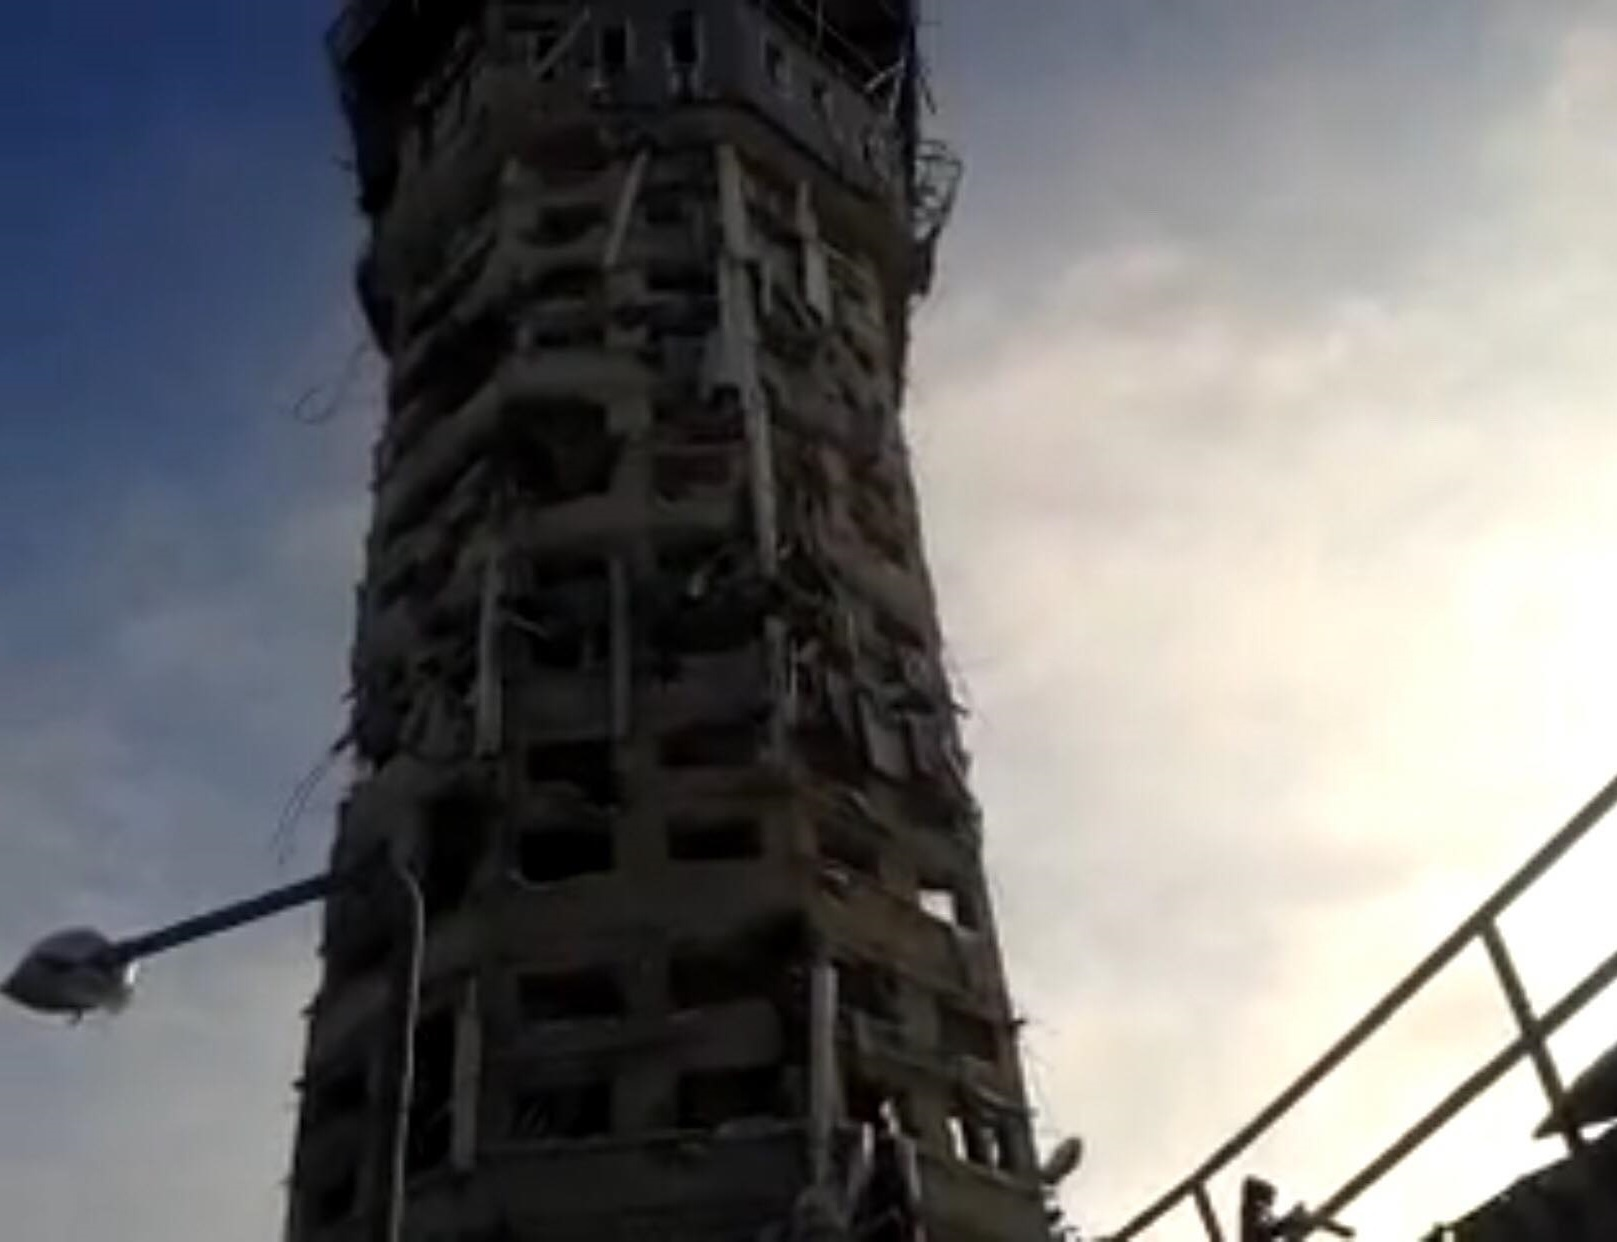 Миньо: Башня ДАП имела стратегическое значение: в светлое время суток был обзор местности на 5-6 км вокруг, мы могли передавать нашим войскам сведения о перемещении боевиков. Фото из архива Николая Миньо